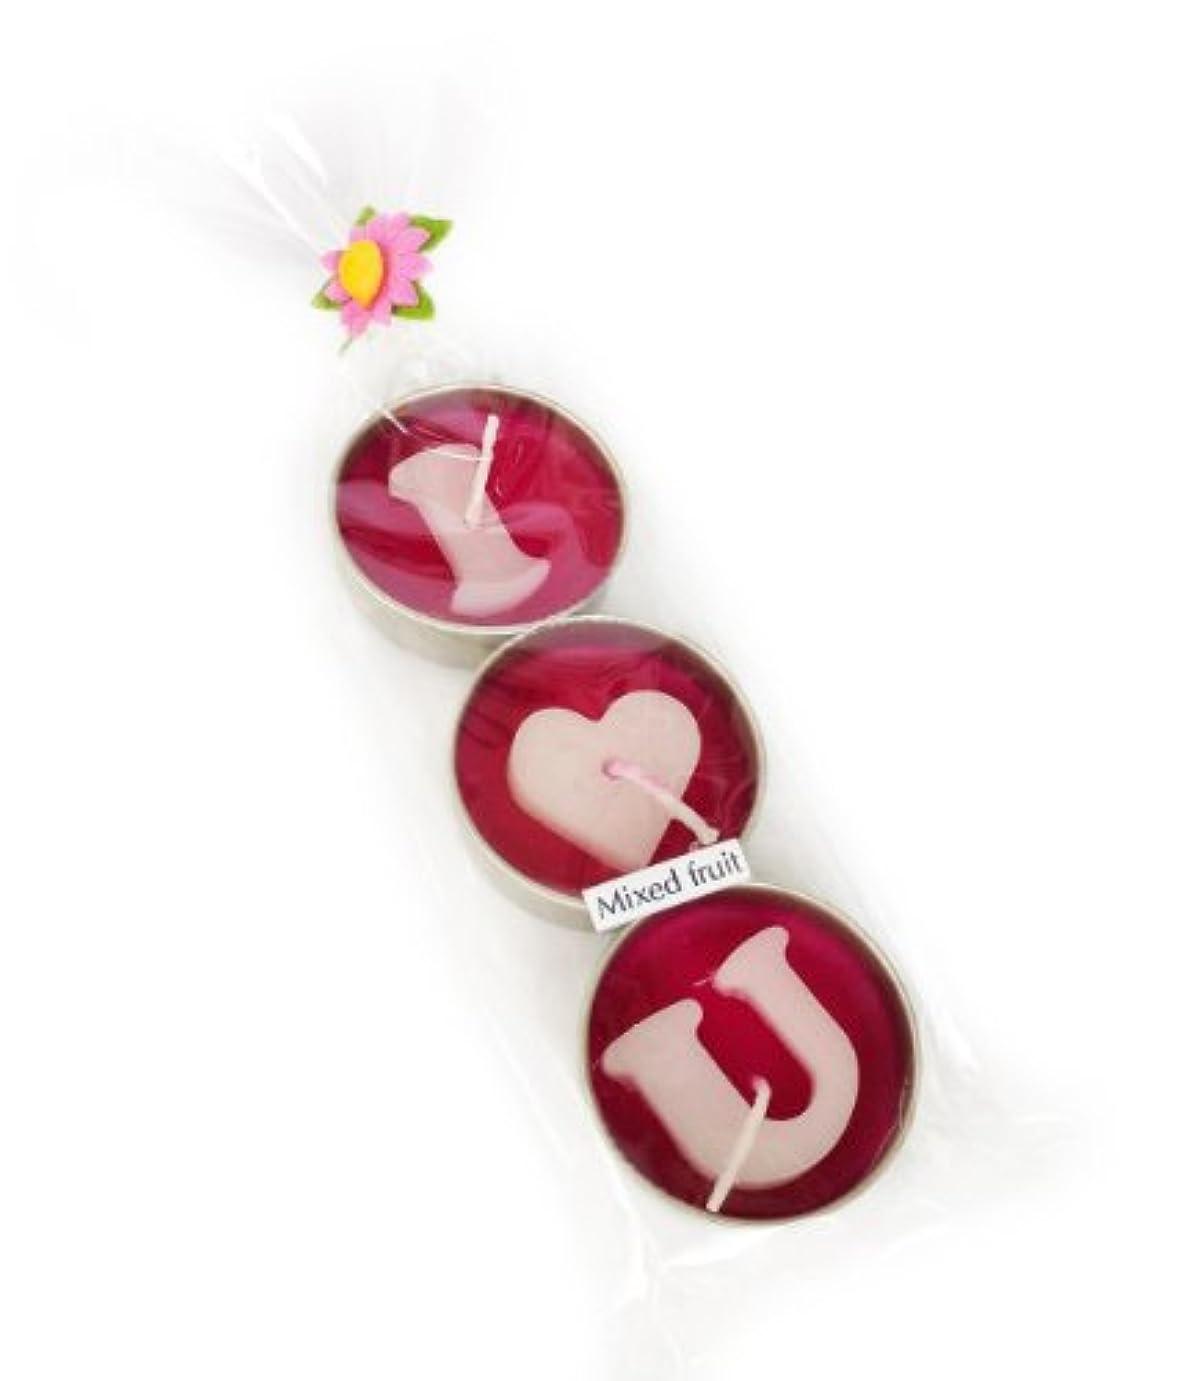 慈悲エクスタシー余計なアロマキャンドル/ラブキャンドル/ILoveU/モーク/ロウソク/ろうそ/1パック3個入り/(1Pack  3pc I love U Candle) (Mixed Fruit)